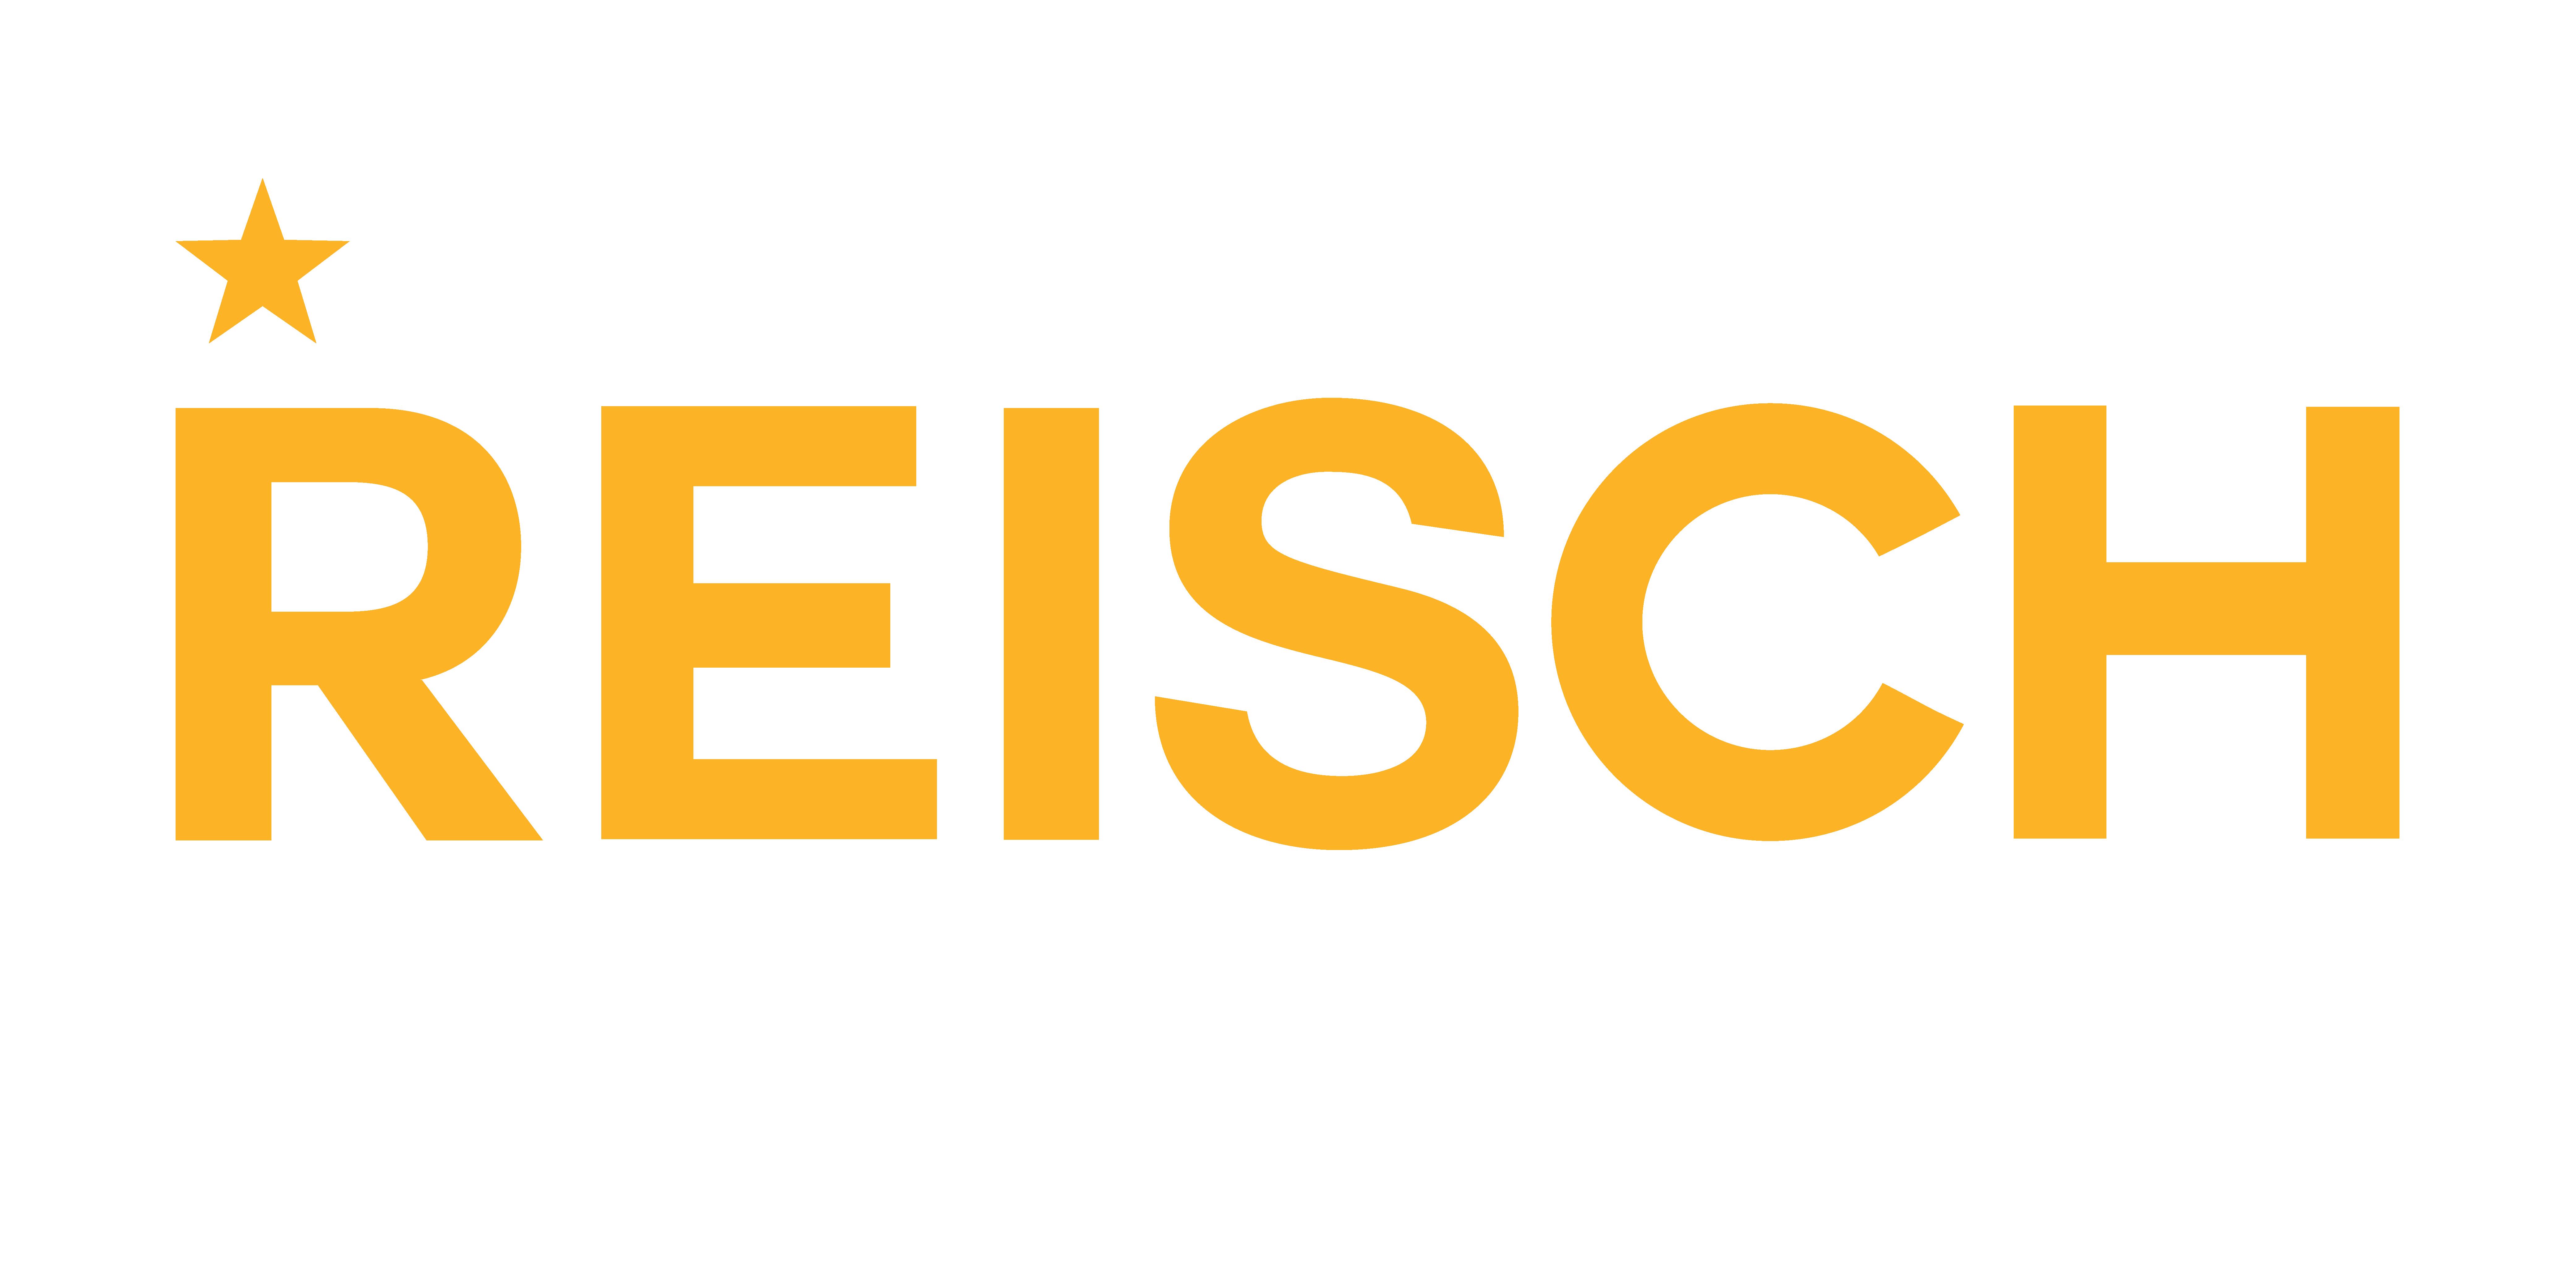 Cheri Reisch